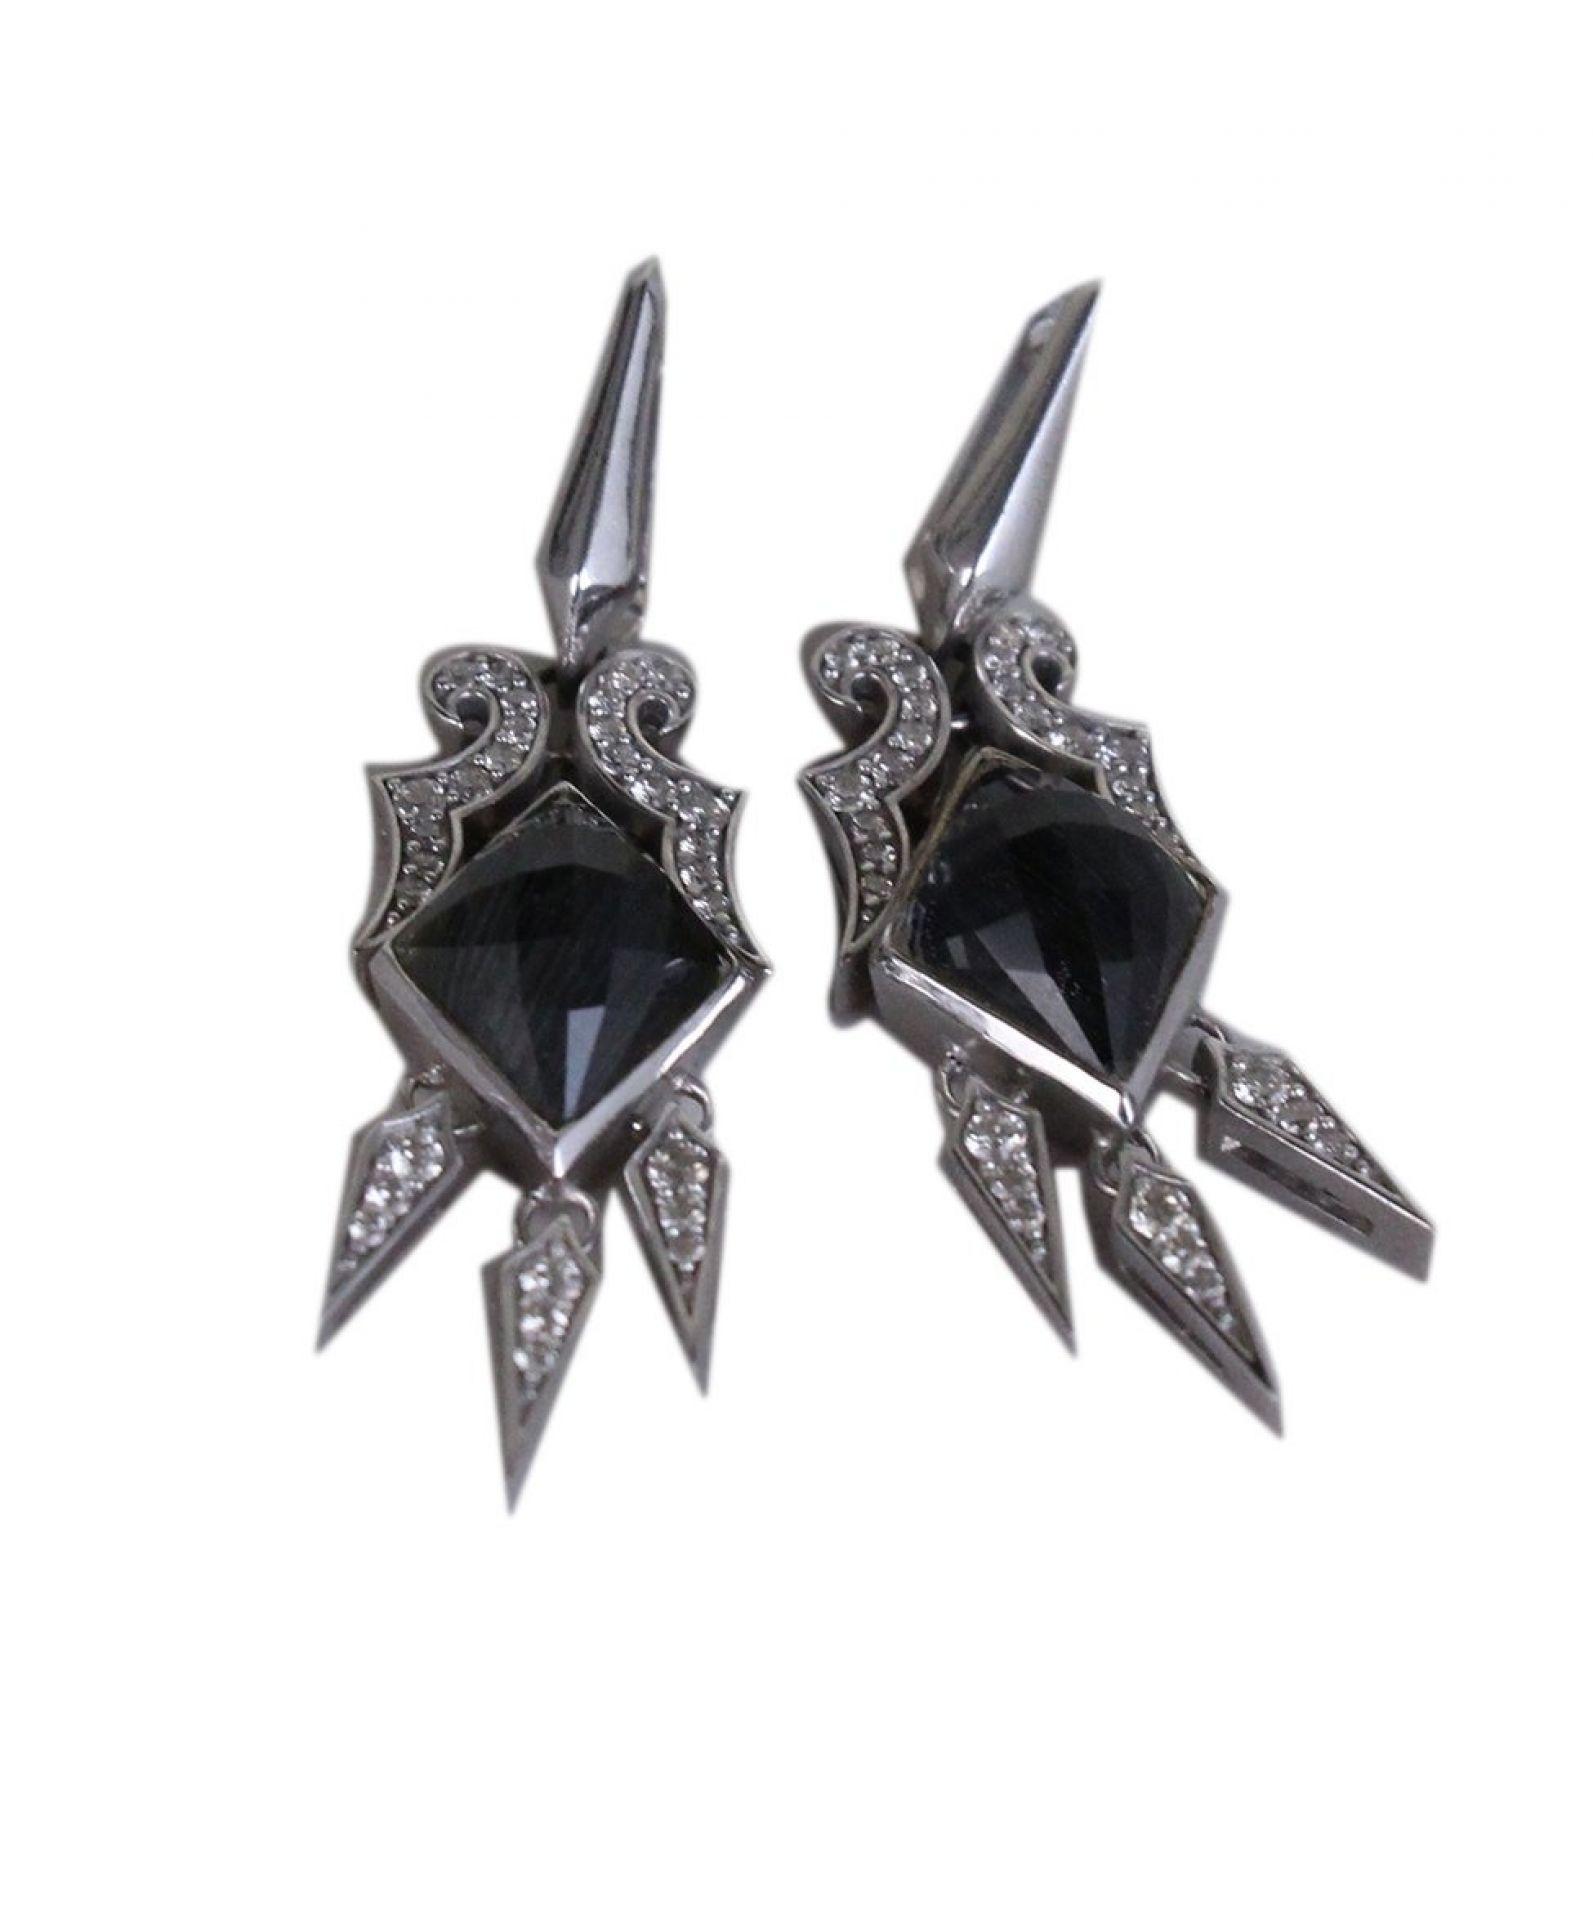 STEPHEN WEBSTER STERLING SILVER DIAMOND BLACK STONE EARRINGS